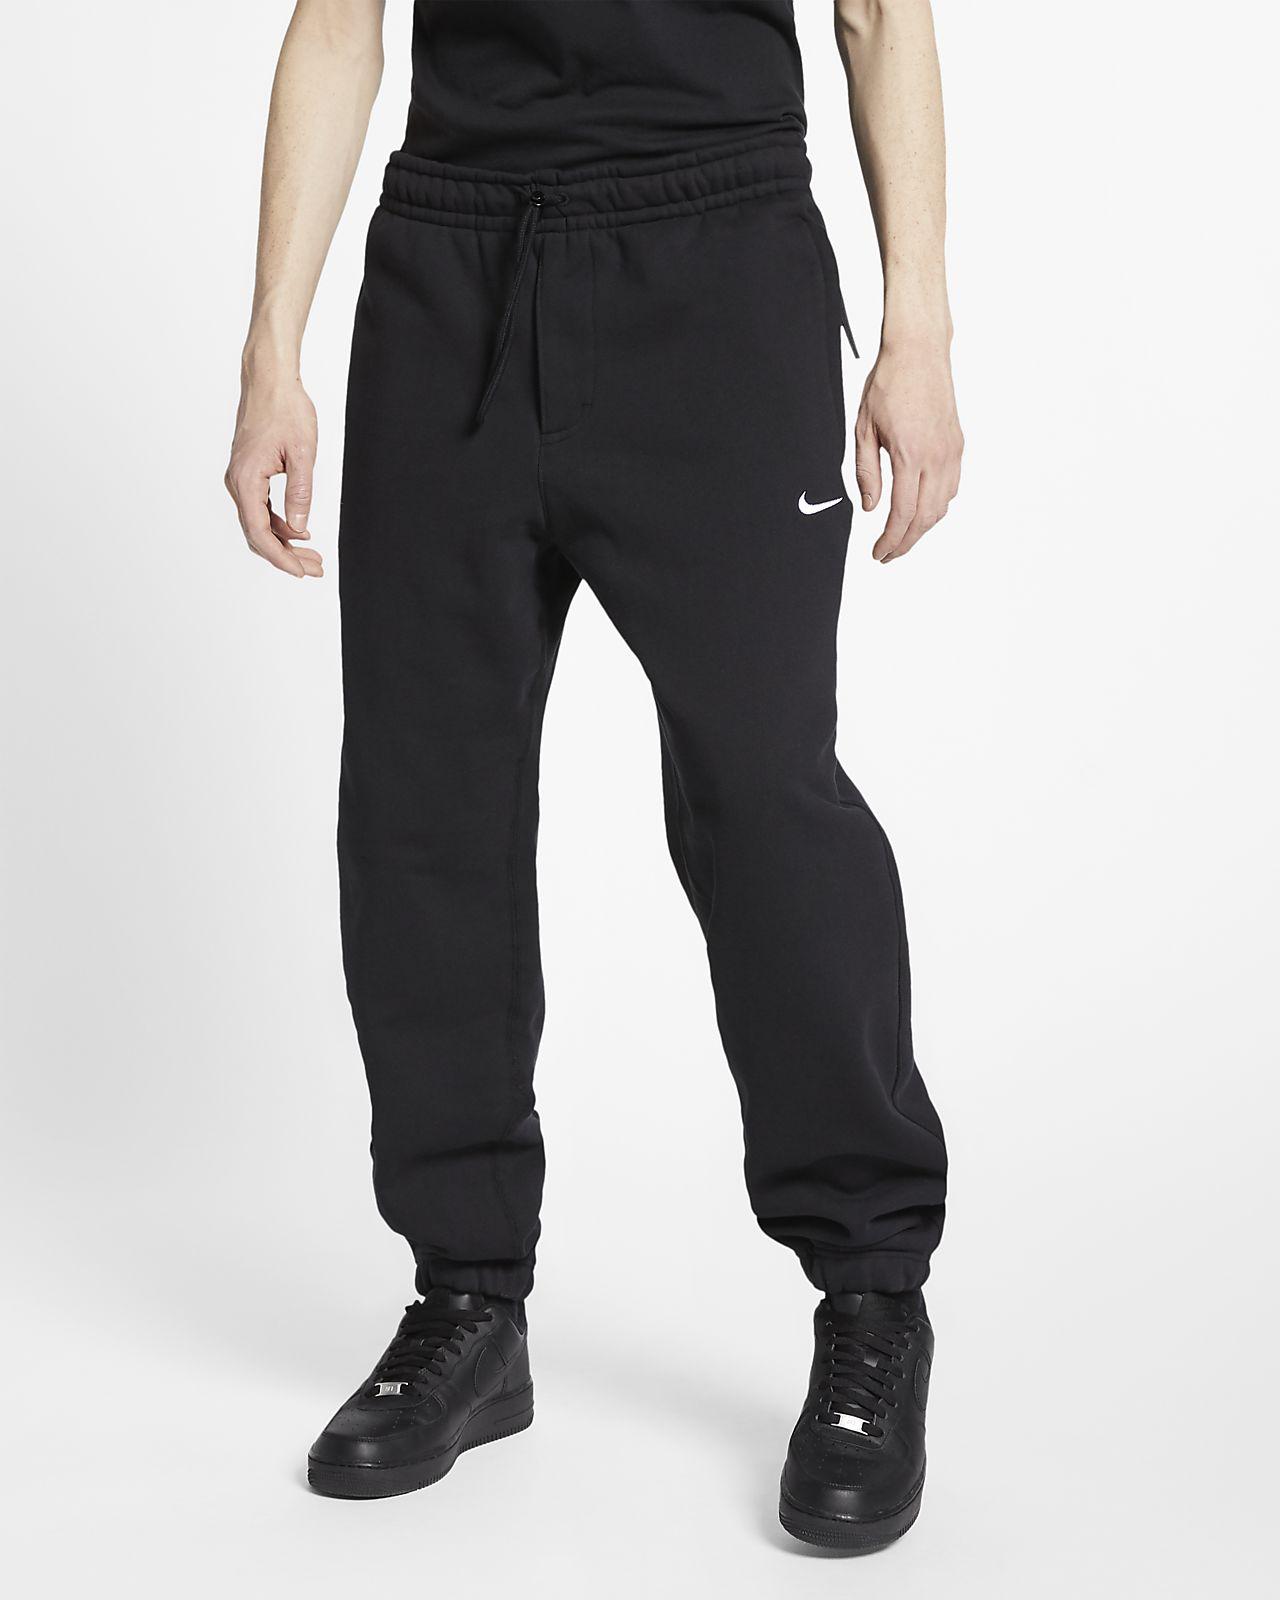 NikeLab Collection Pantalons de teixit Fleece - Home